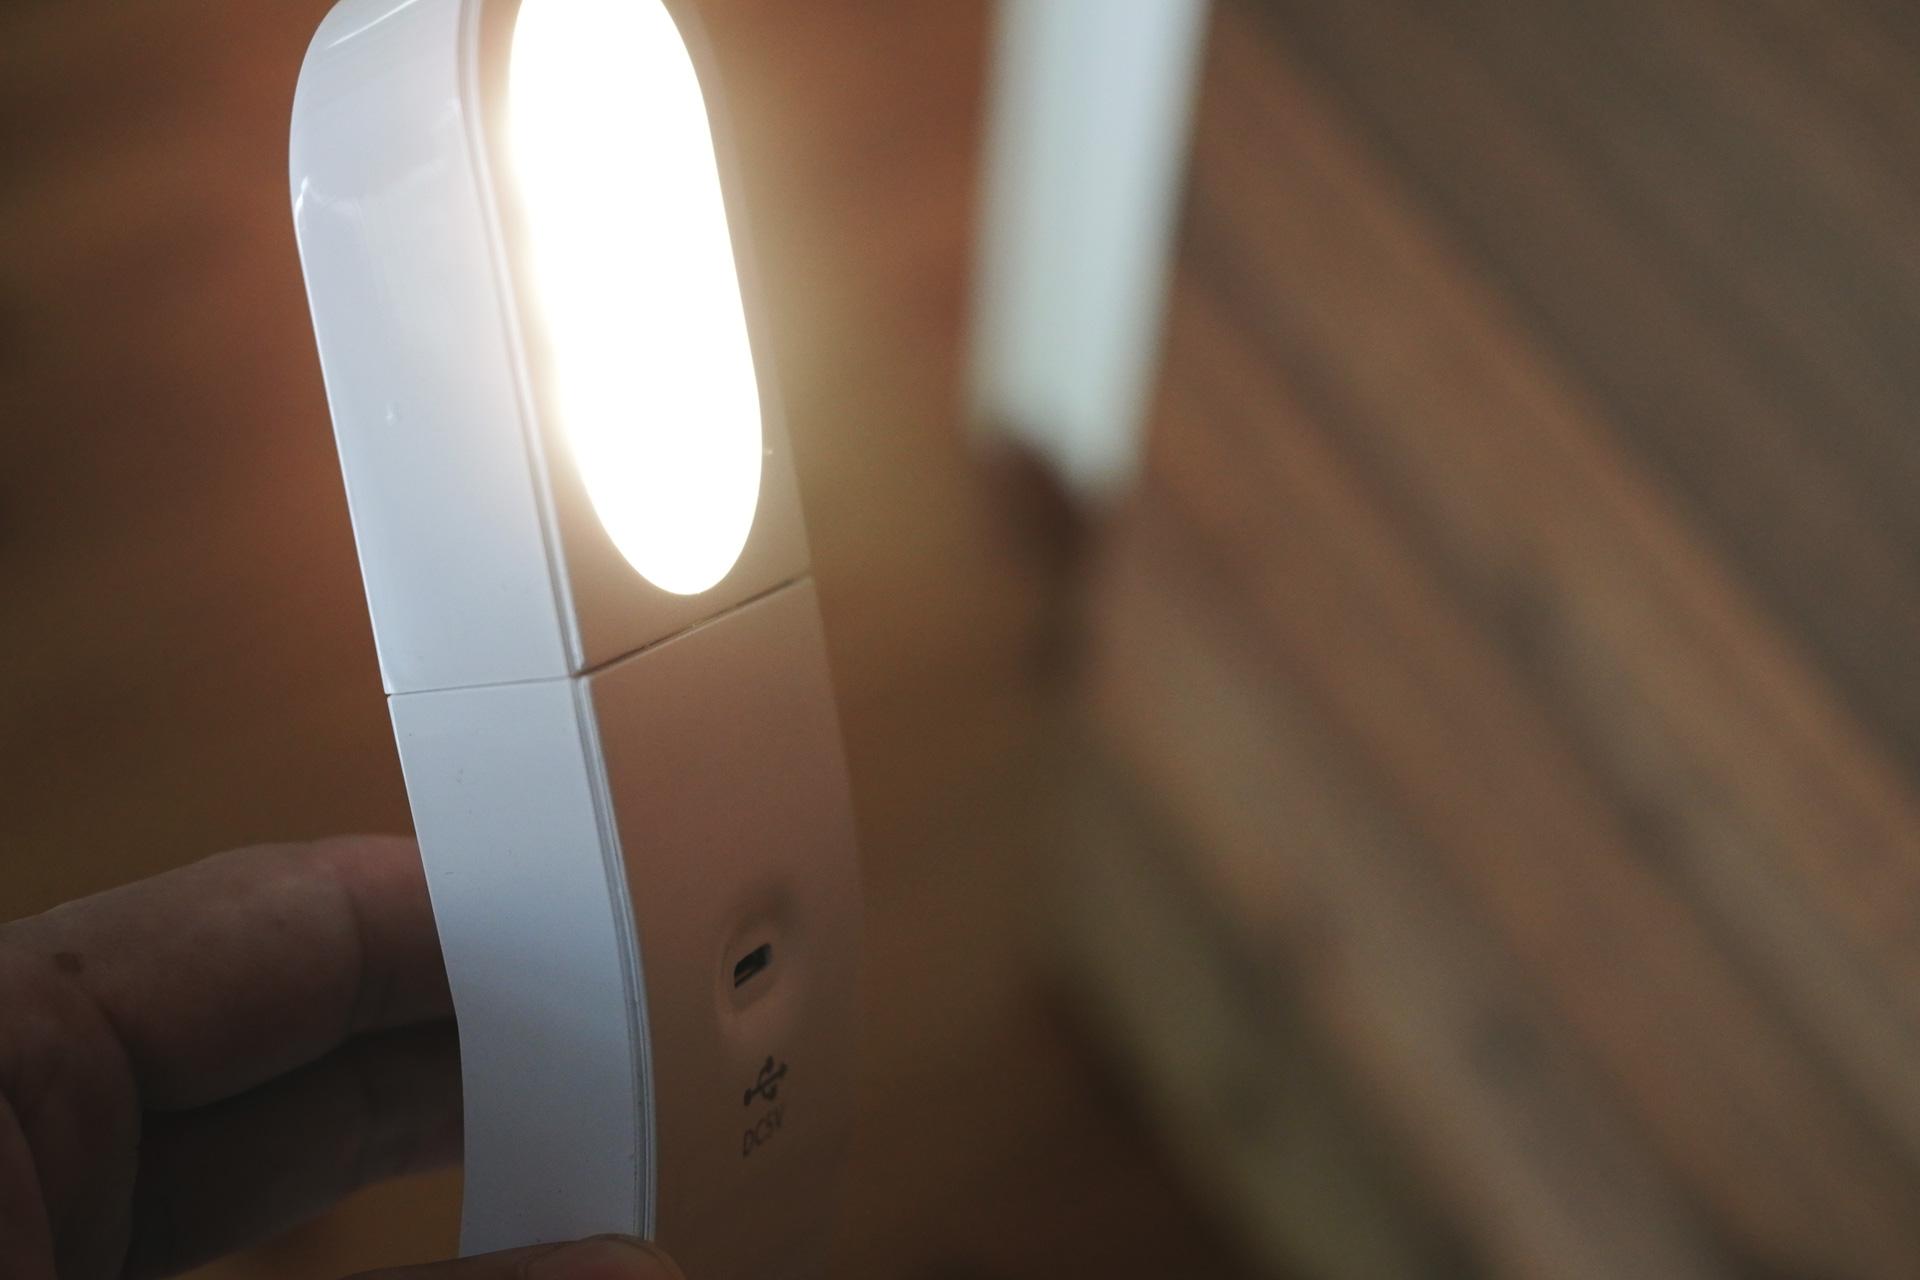 LEDセンサーライト USB充電式 懐中電灯としても使える